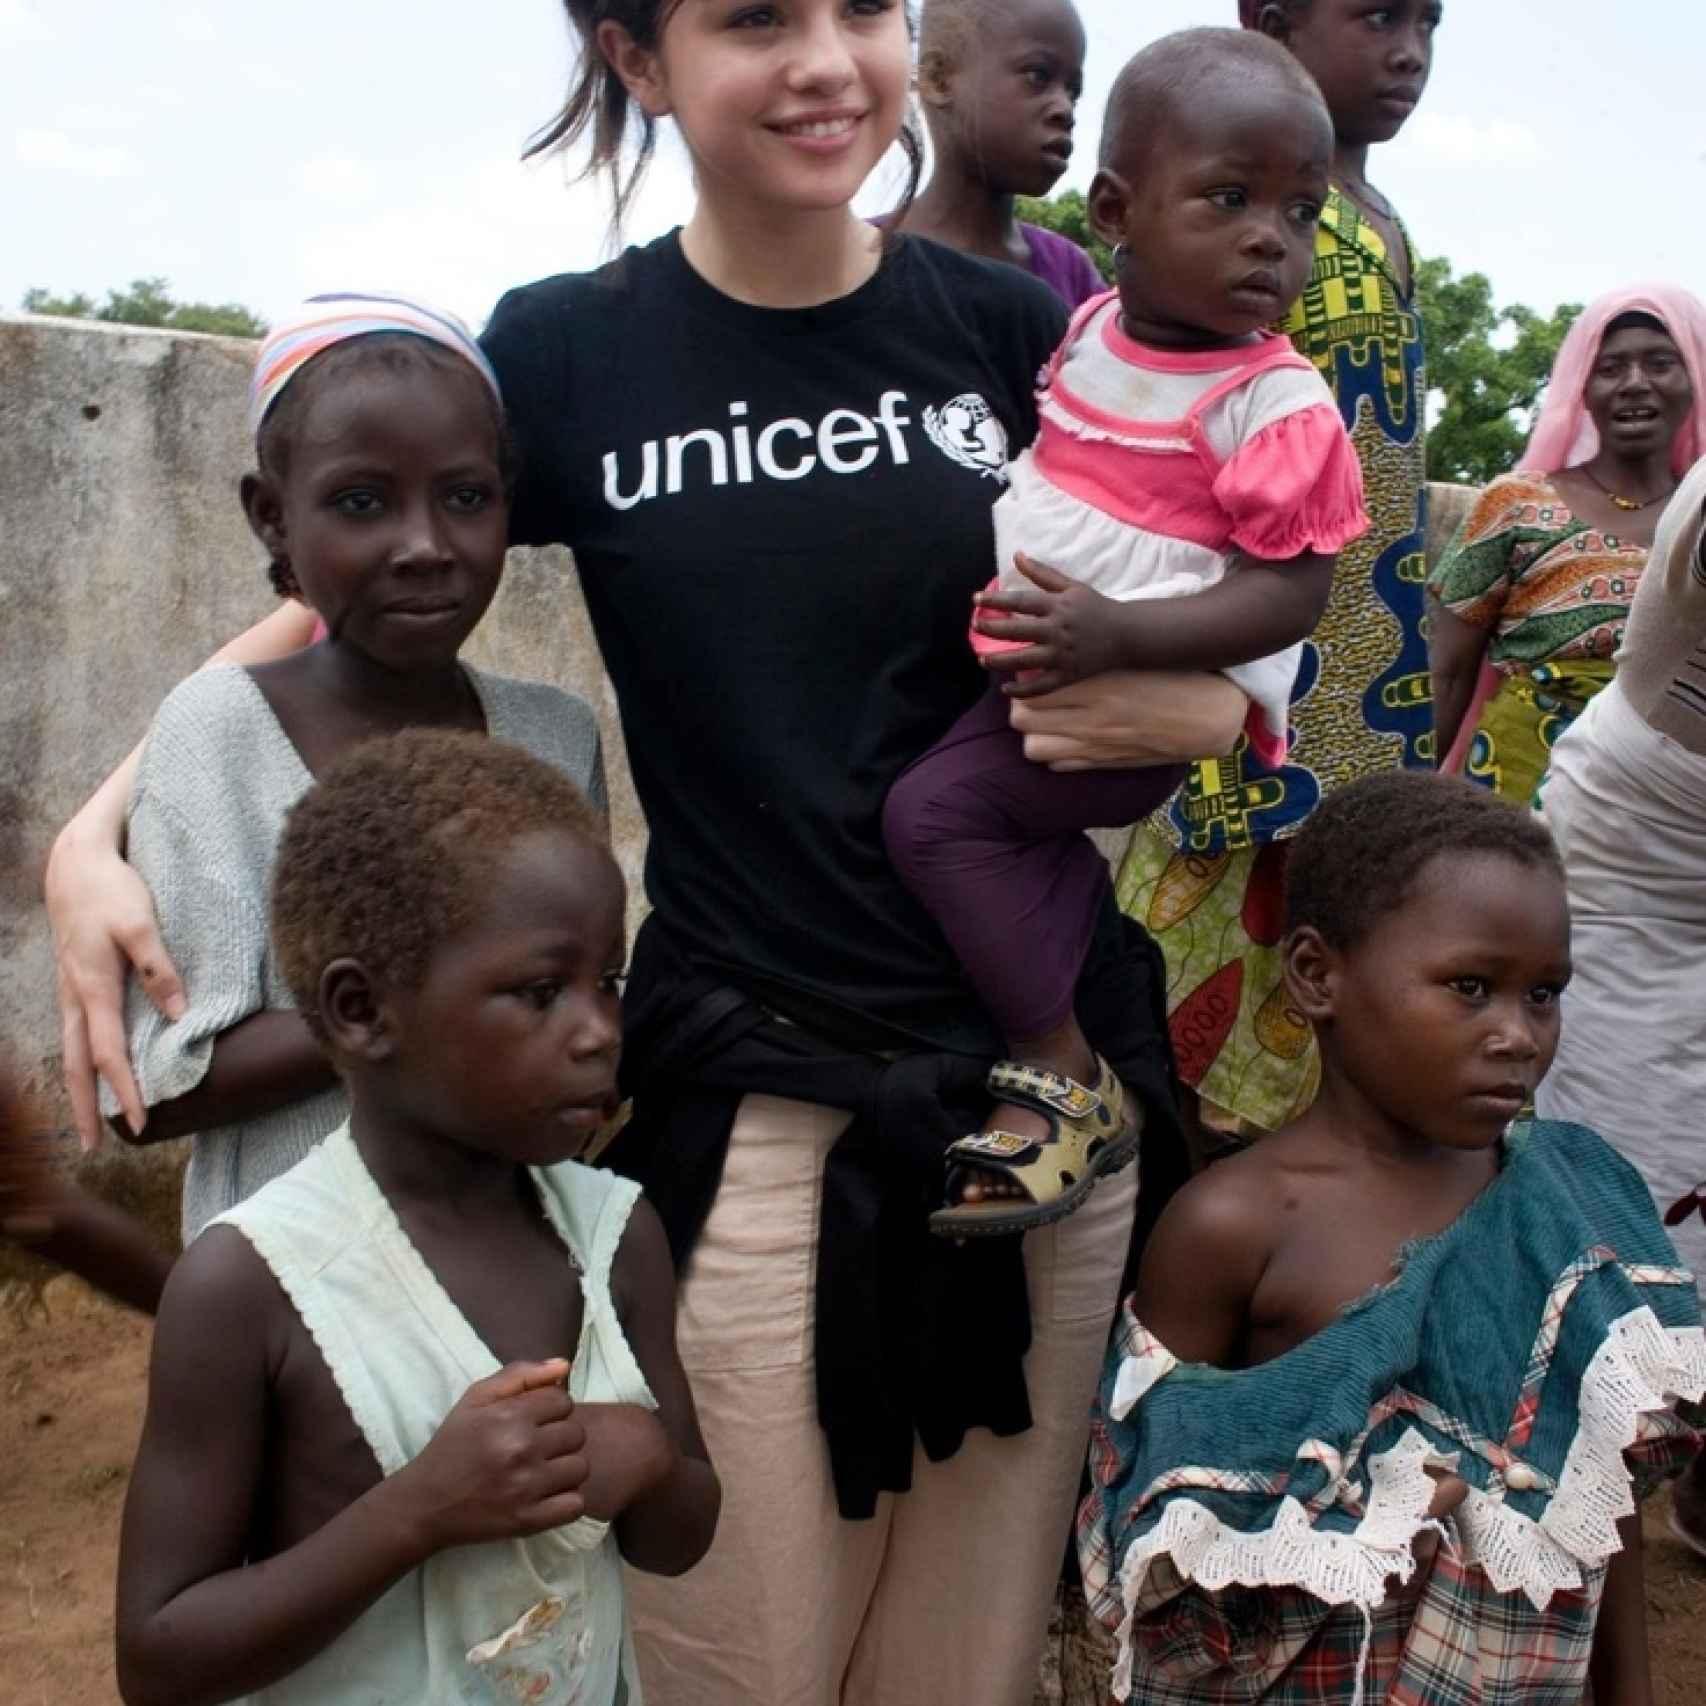 Selena en el Congo colaborando con UNICEF.